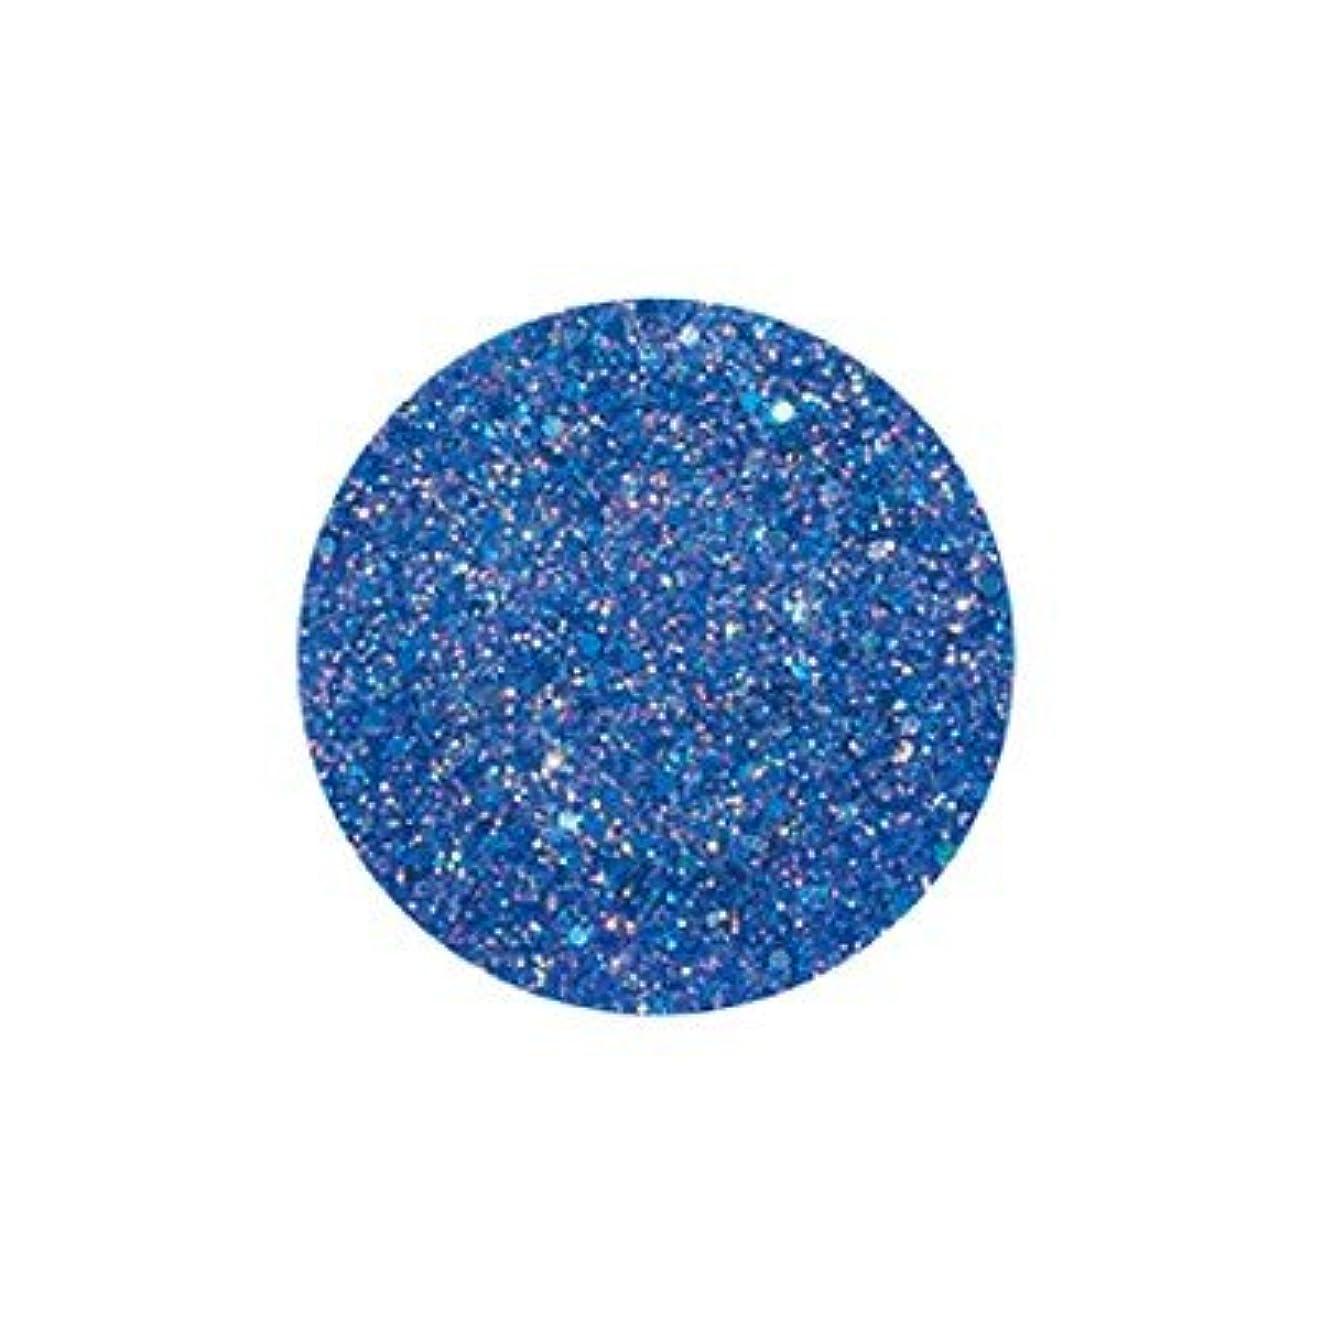 レパートリー雹クレデンシャルFANTASY NAIL ダイヤモンドコレクション 3g 4263XS カラーパウダー アート材